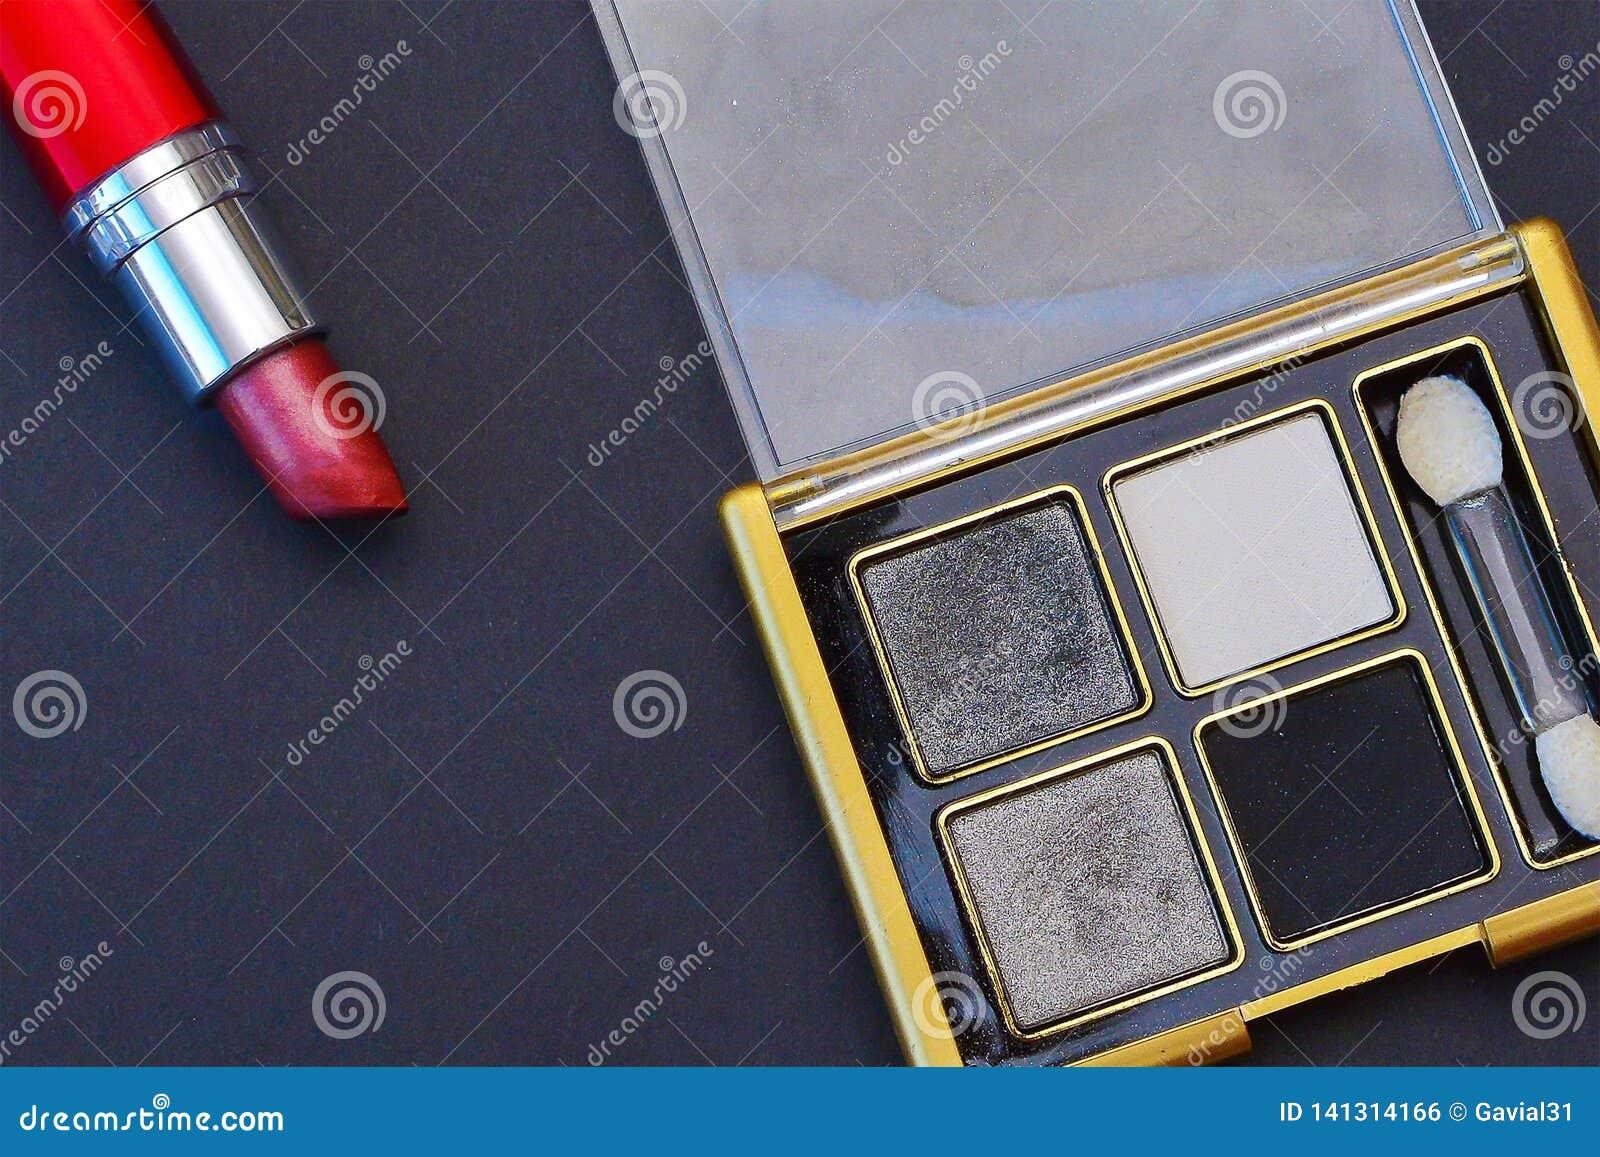 Fard à paupières et rouge à lèvres cosmétiques sur un fond noir